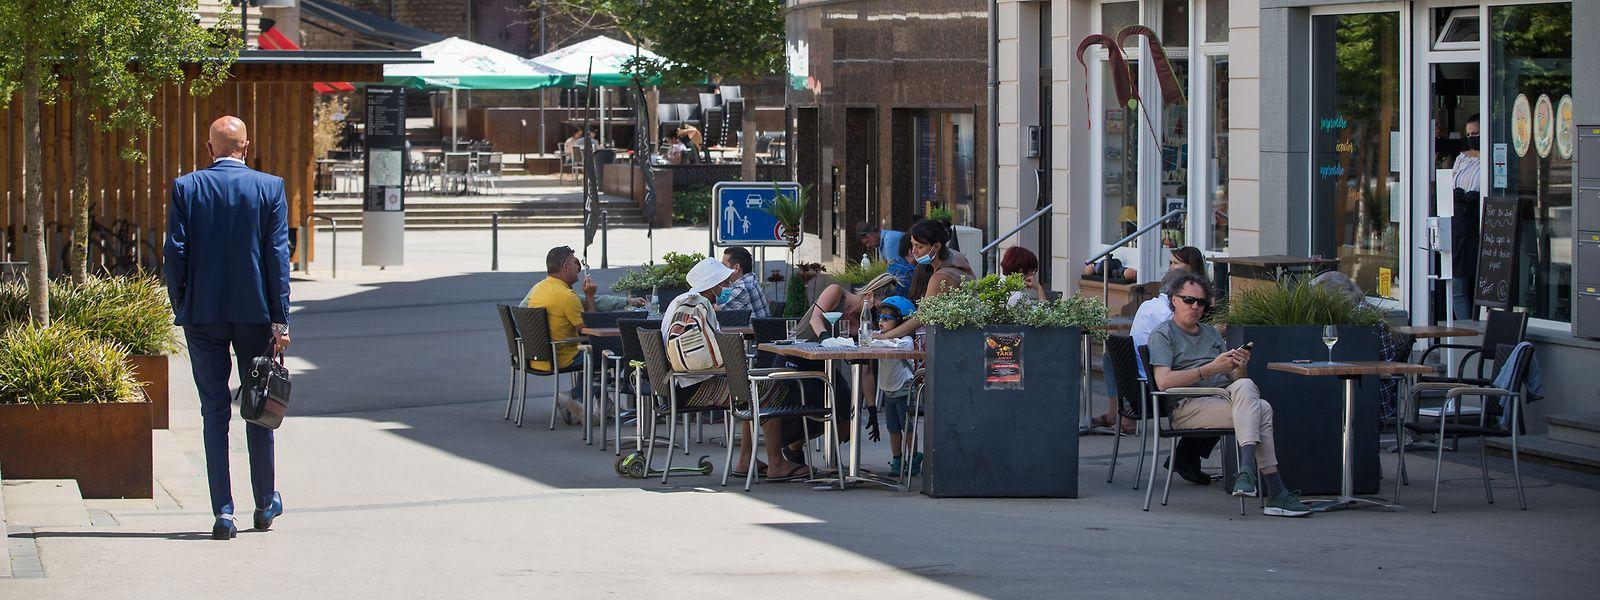 Nach dem gut zweimonatigen Lockdown spielt sich das Leben in Düdelingen wieder verstärkt draußen ab.